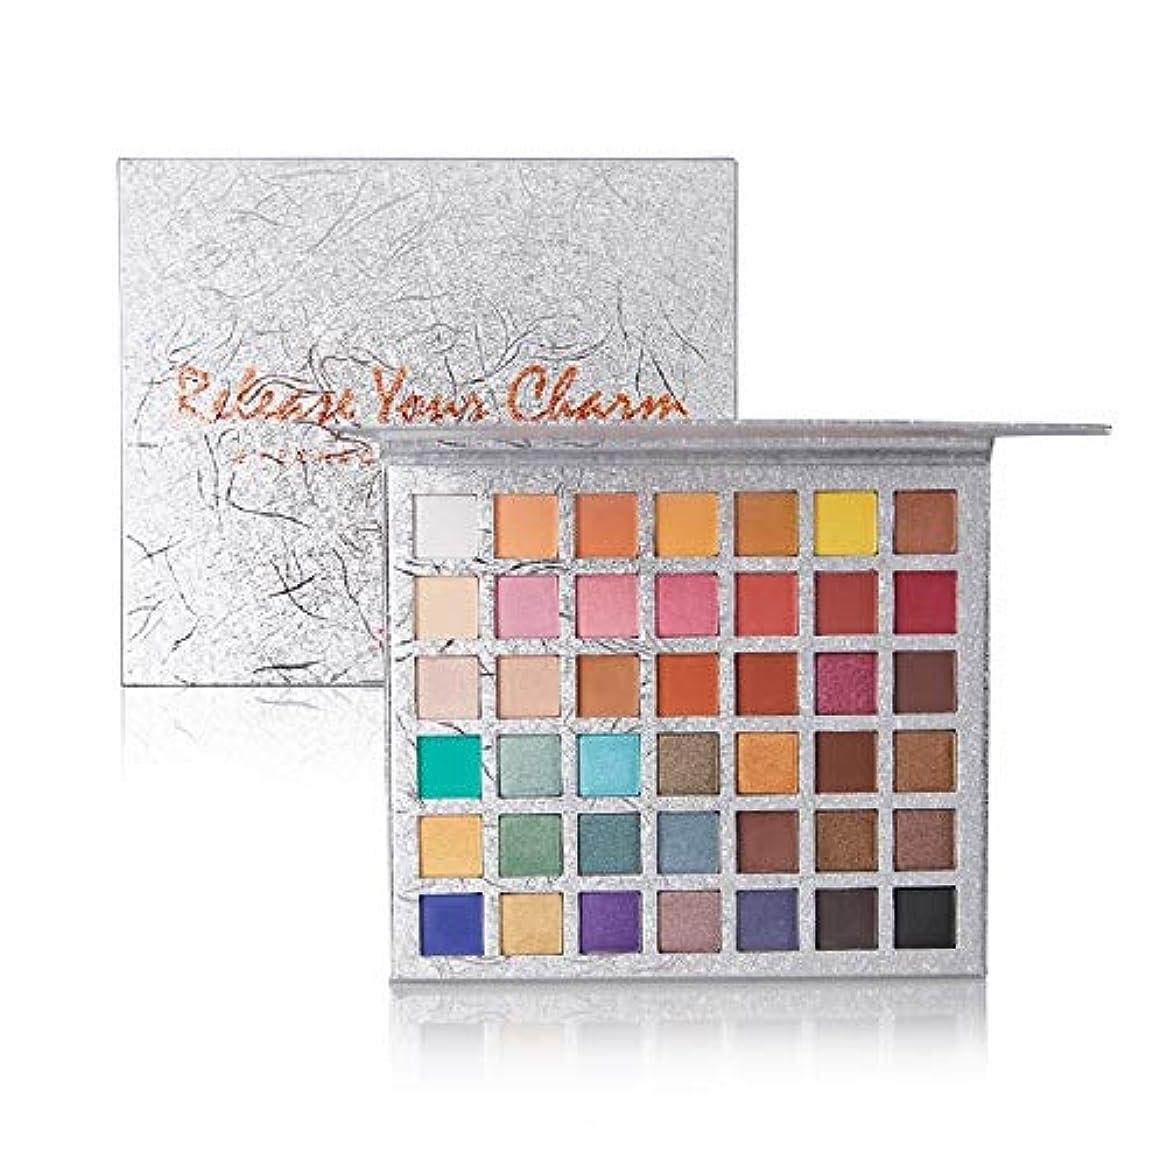 インタビュー具体的に罪悪感42 Colors Eyeshadow Pallete Glitter Makeup Matte Eye shadow Long-lasting Make Up Palette Maquillage Paleta De...